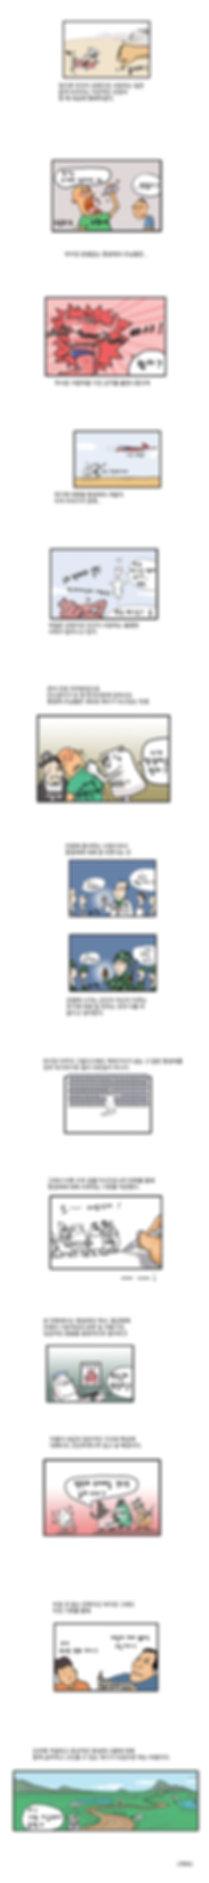 항생제 01-2 copy.jpg